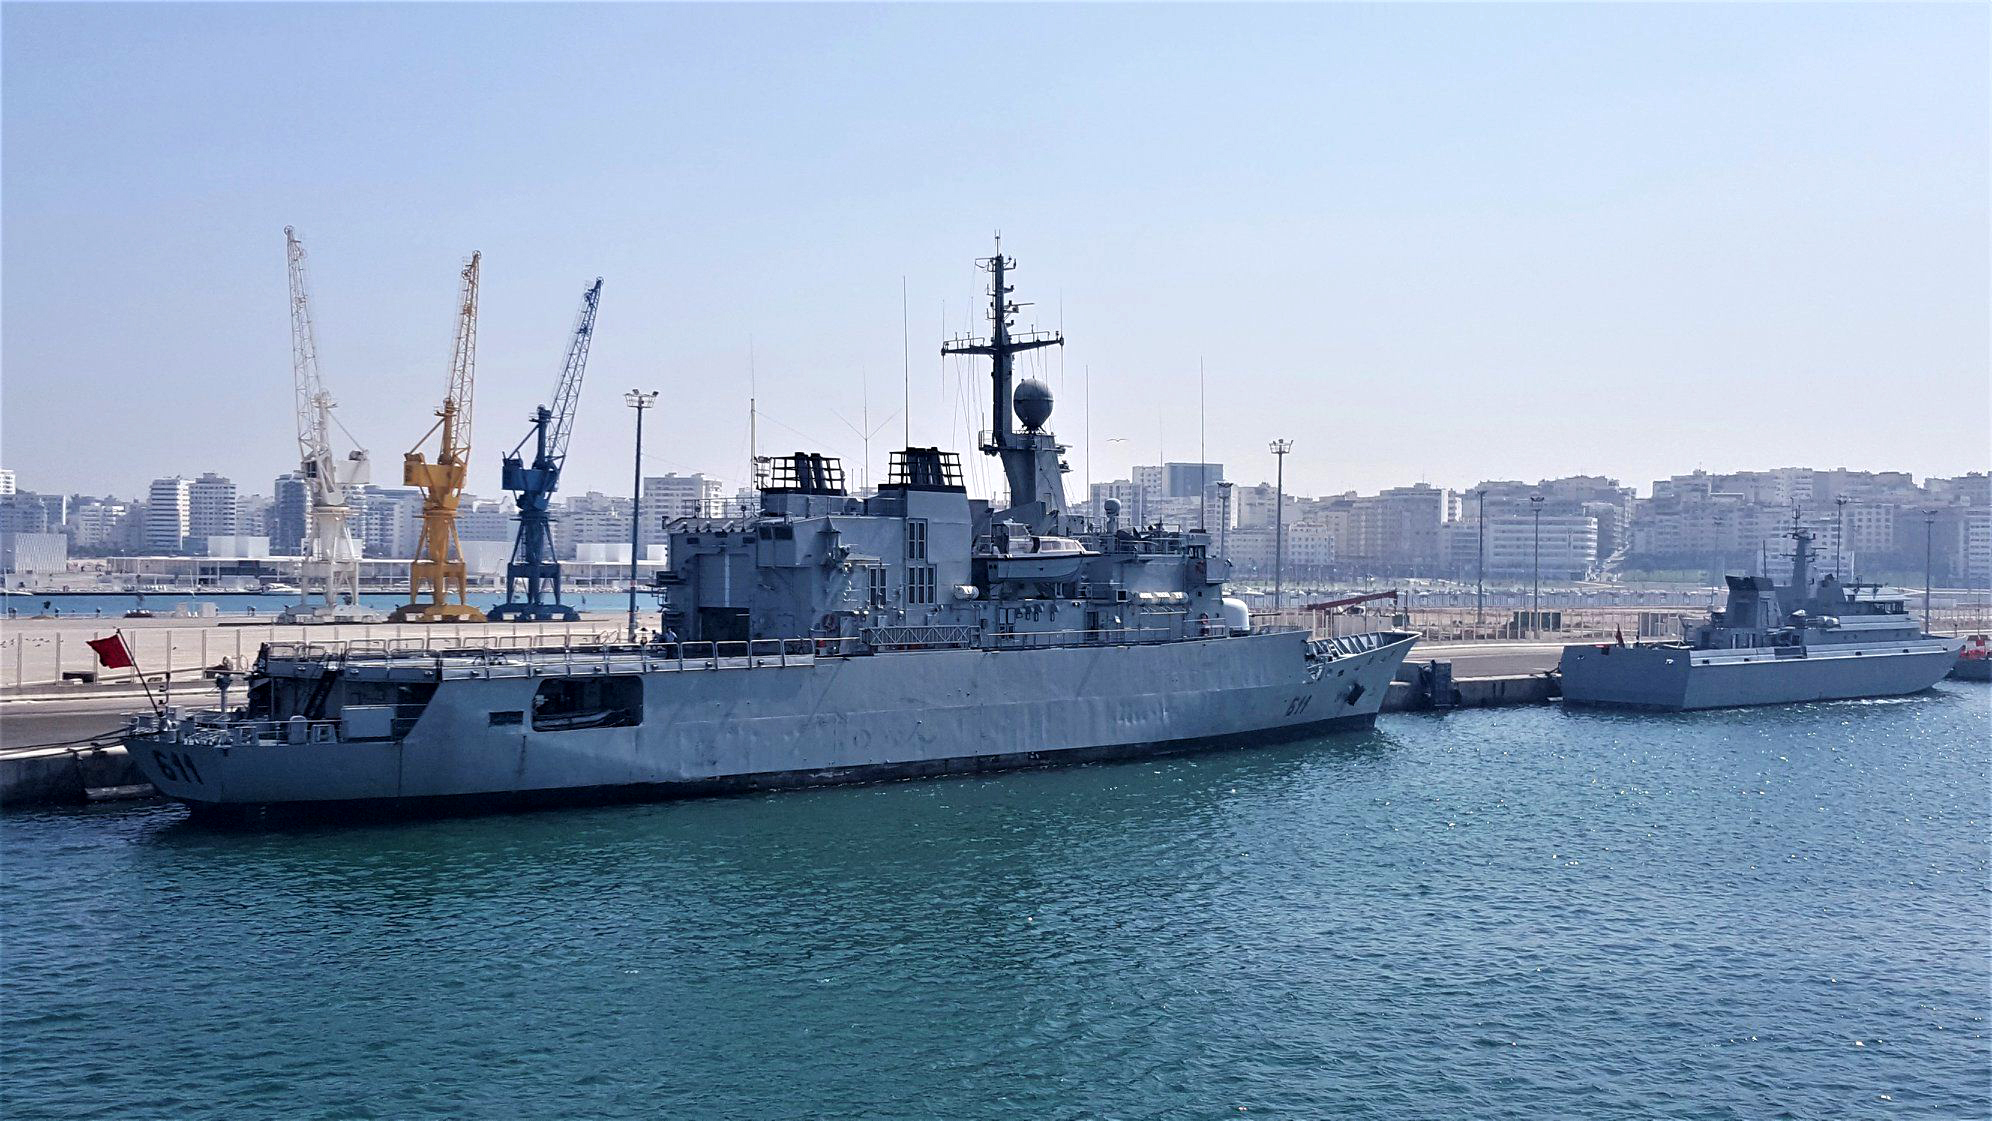 Royal Moroccan Navy Floréal Frigates / Frégates Floréal Marocaines - Page 14 48621183252_ddfc5f2615_o